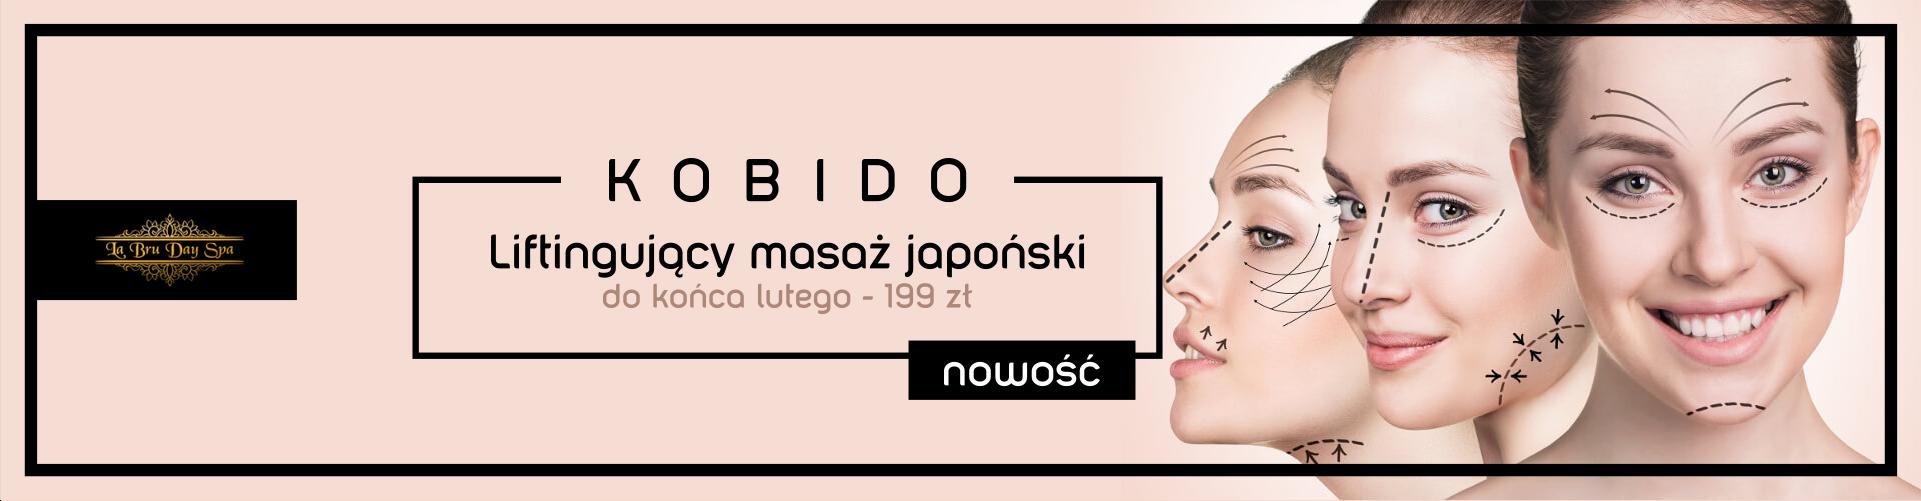 kobido_page